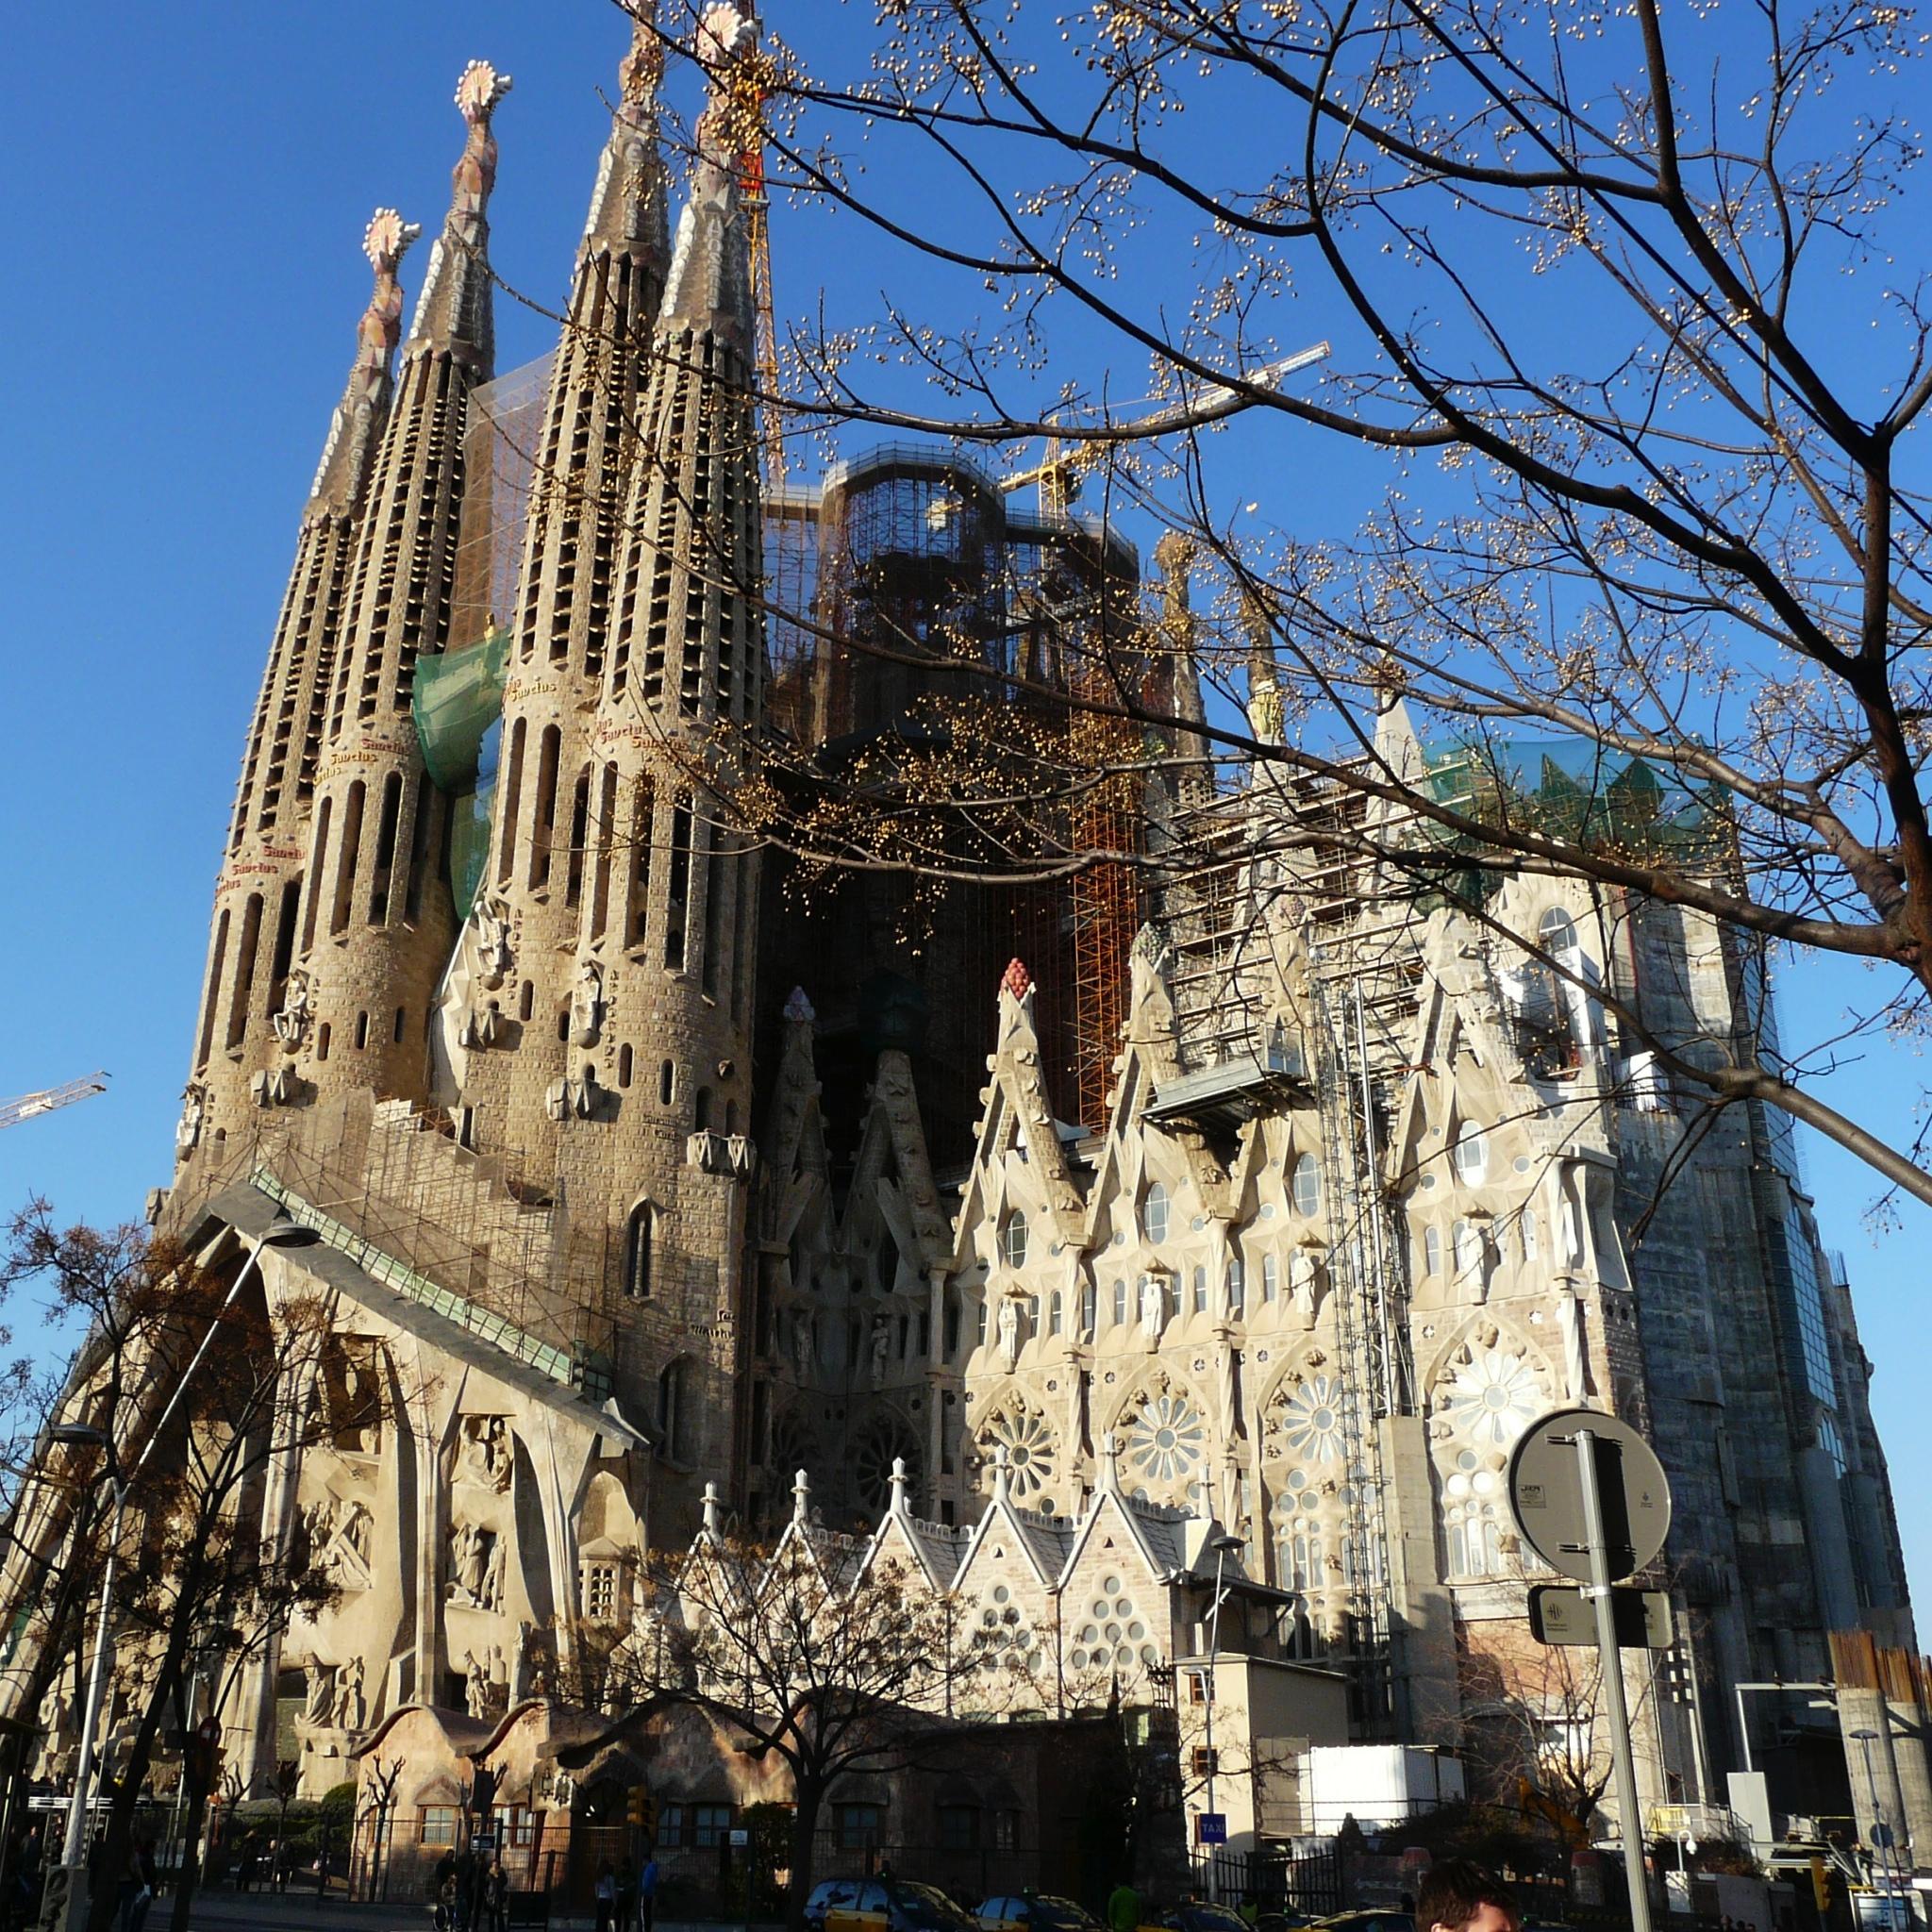 La Sagrada Familia 3W iPad.jpg  La Sagrada Familia   iPad